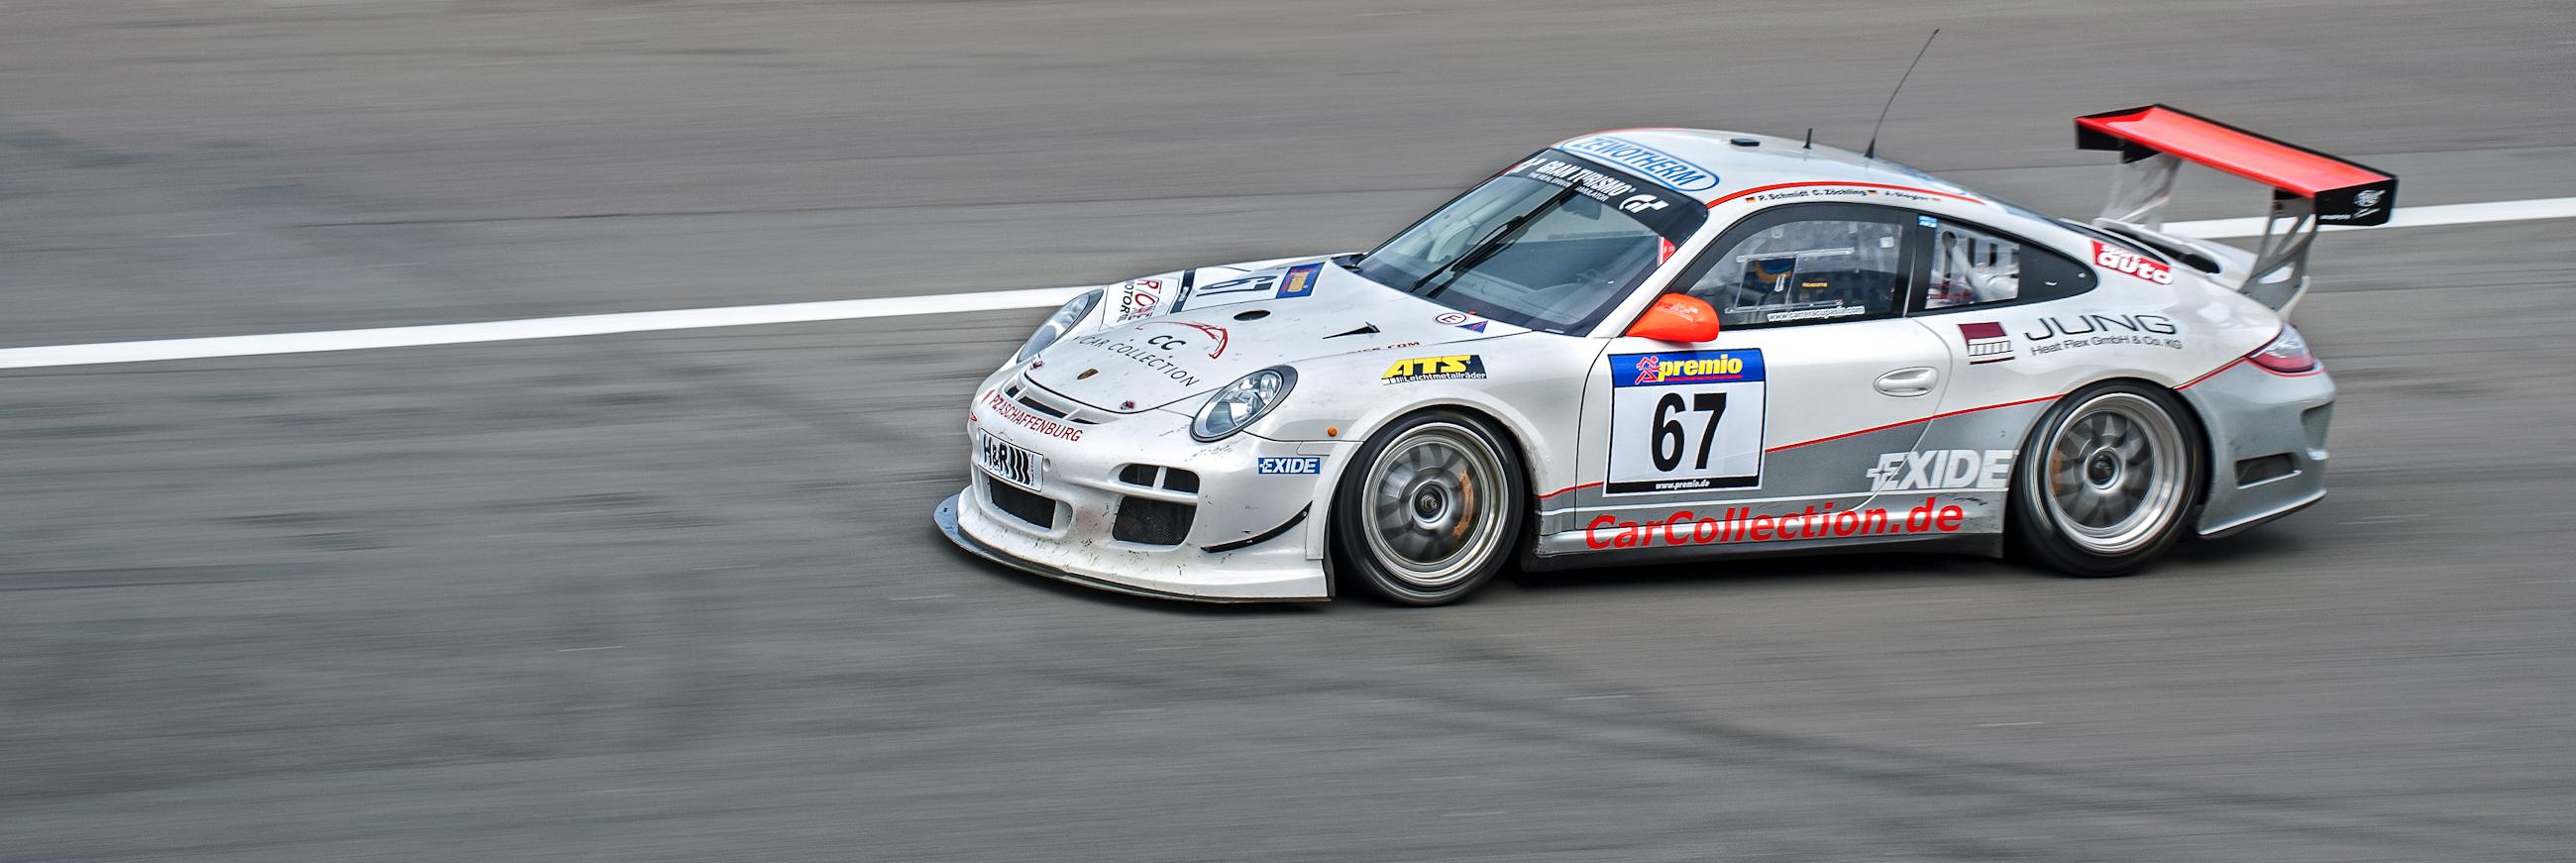 Porsche Gt Cup Car For Sale